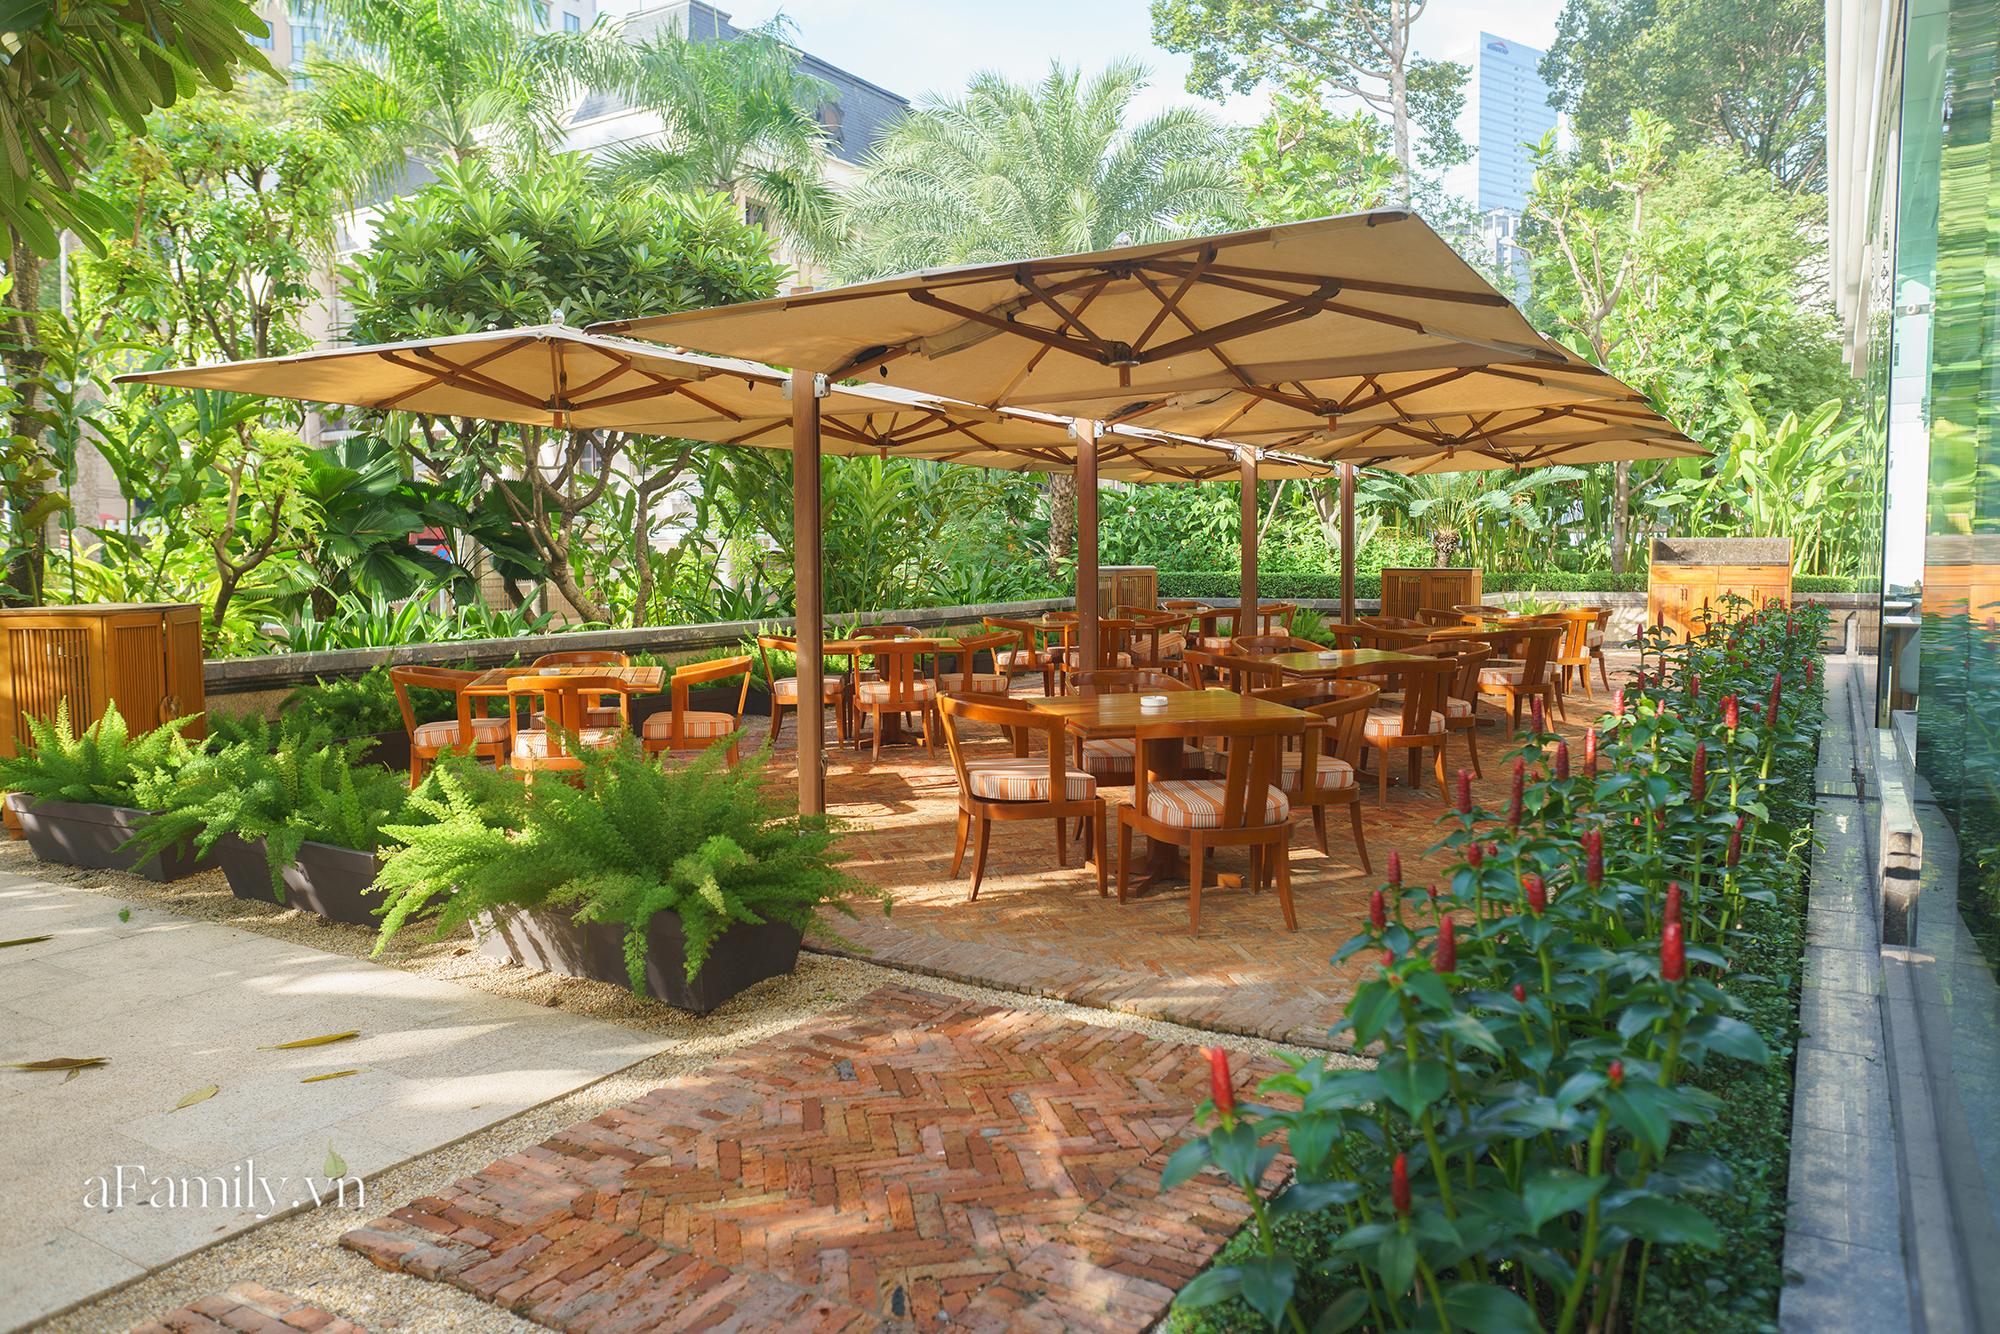 Nhiều người Sài Gòn chọn trải nghiệm kỳ nghỉ 2/9 tại các khách sạn 5 sao vì giá quá hời chỉ bằng một nửa so với ngày thường và đây là 3 nơi siêu lý tưởng  - Ảnh 3.